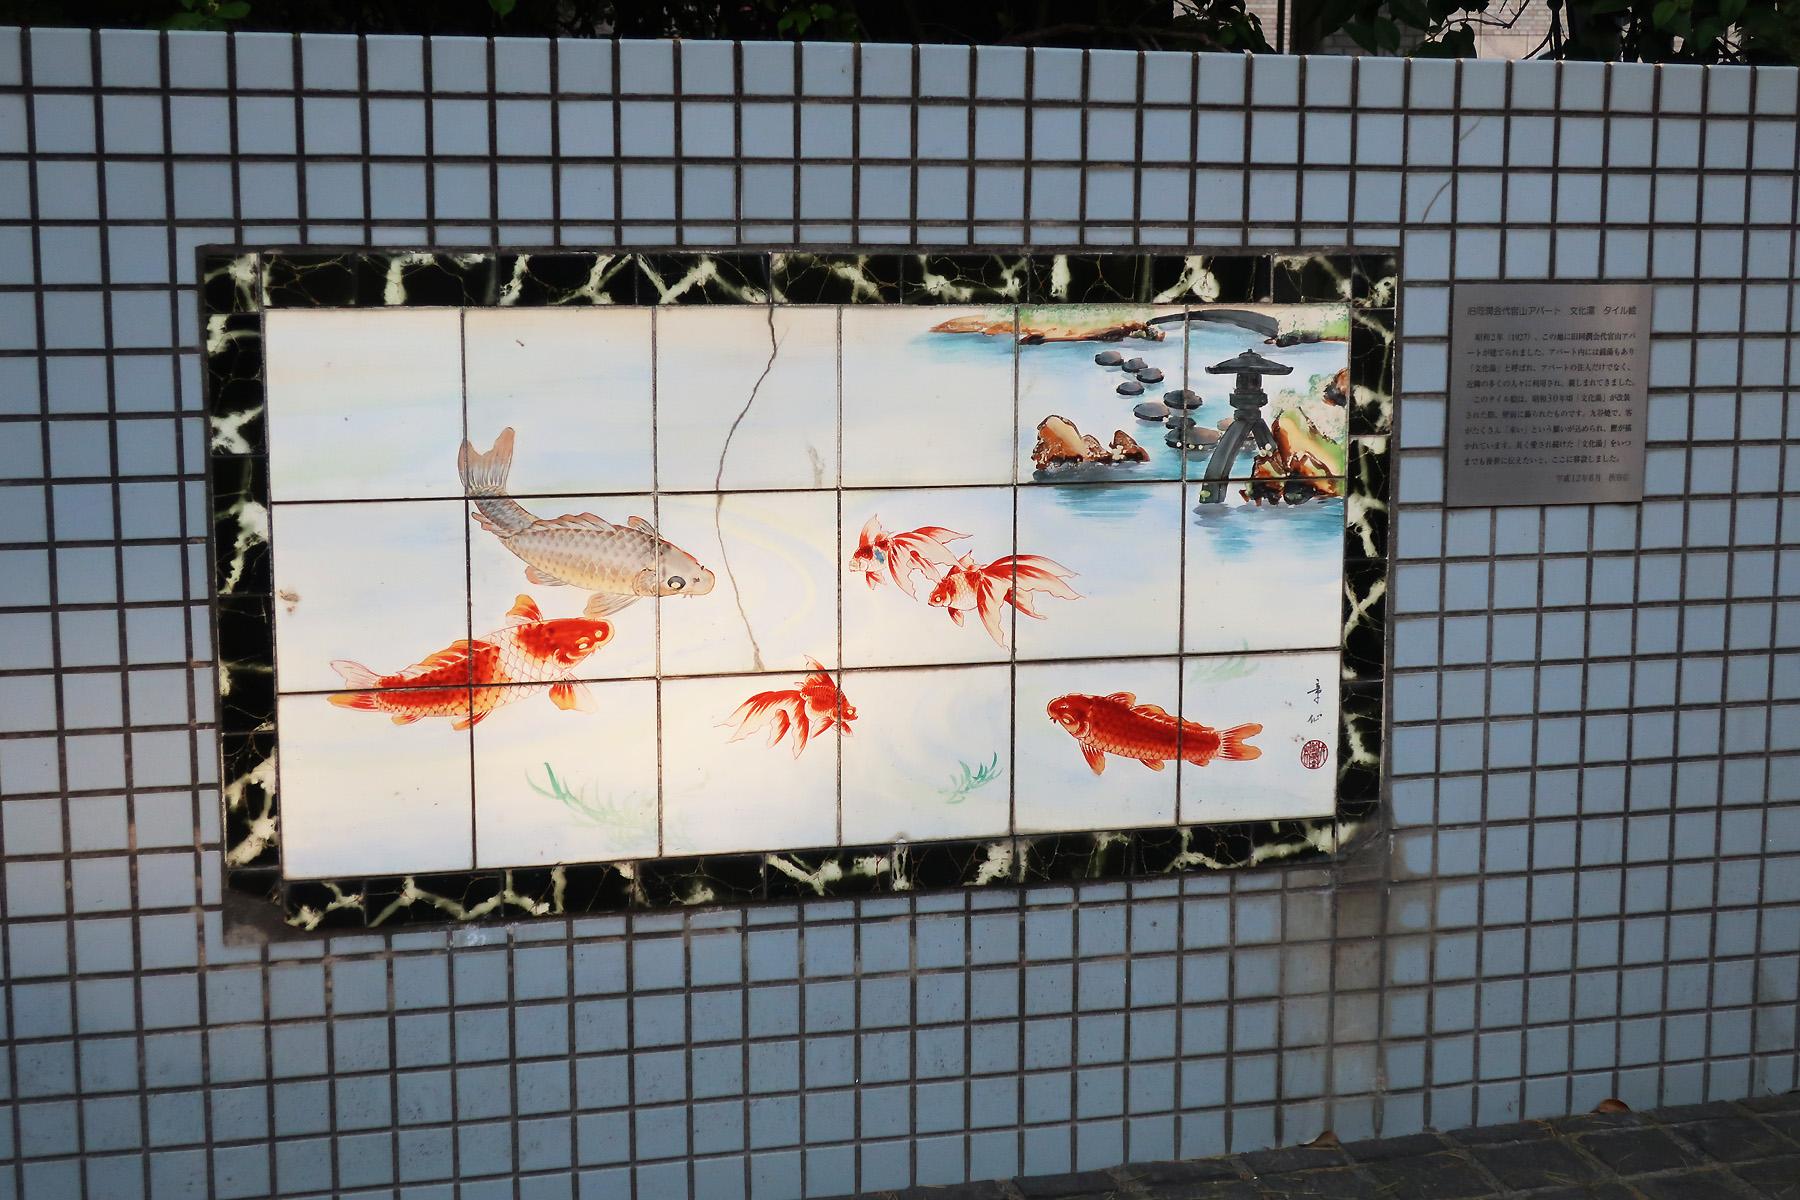 03_6 文化湯のタイル絵 代官山公園 渋谷区代官山町17-10(2017_0429_165807)